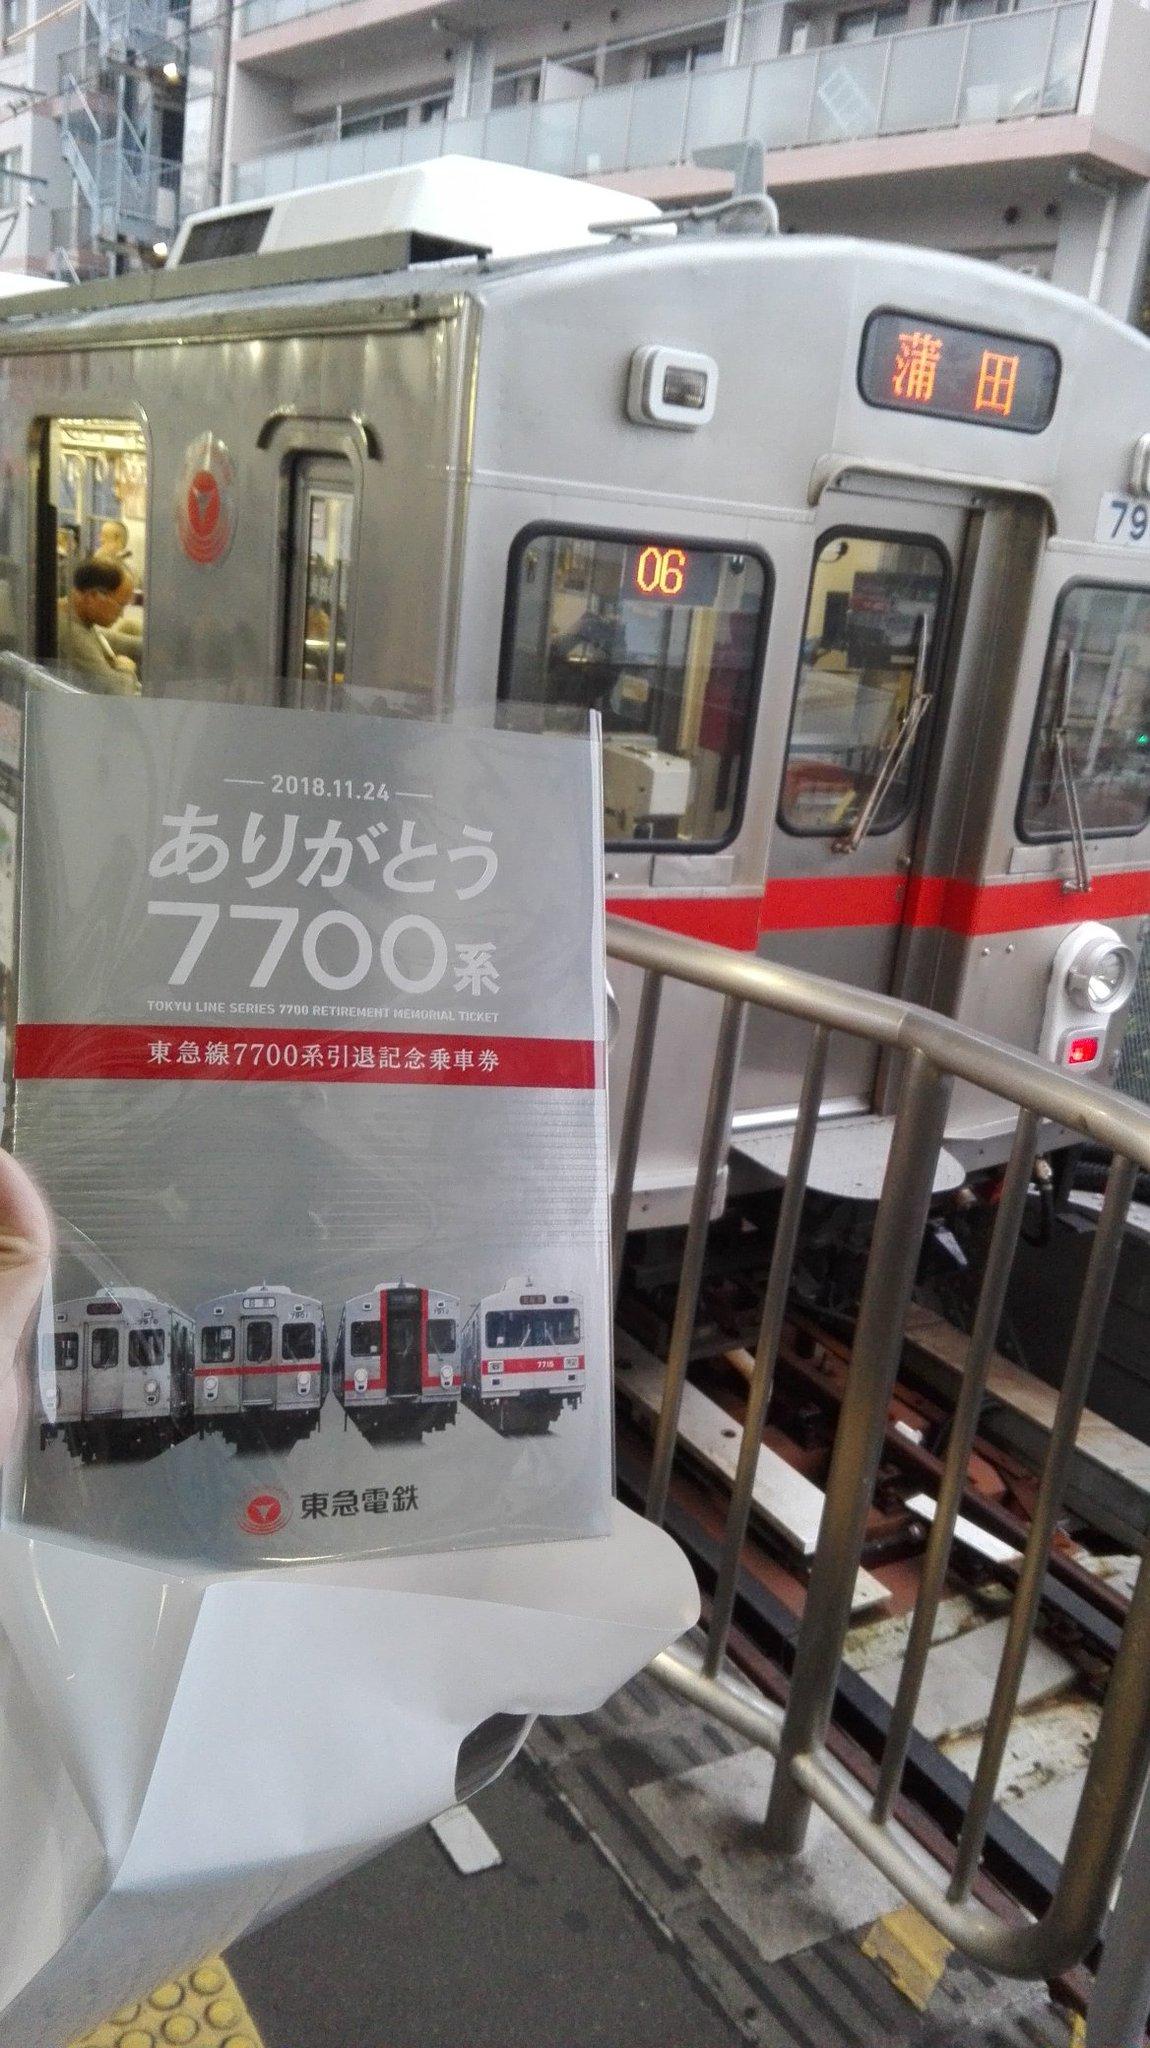 画像,五反田で7700系の記念乗車券ゲットしました! https://t.co/HZ5DO15oi3。